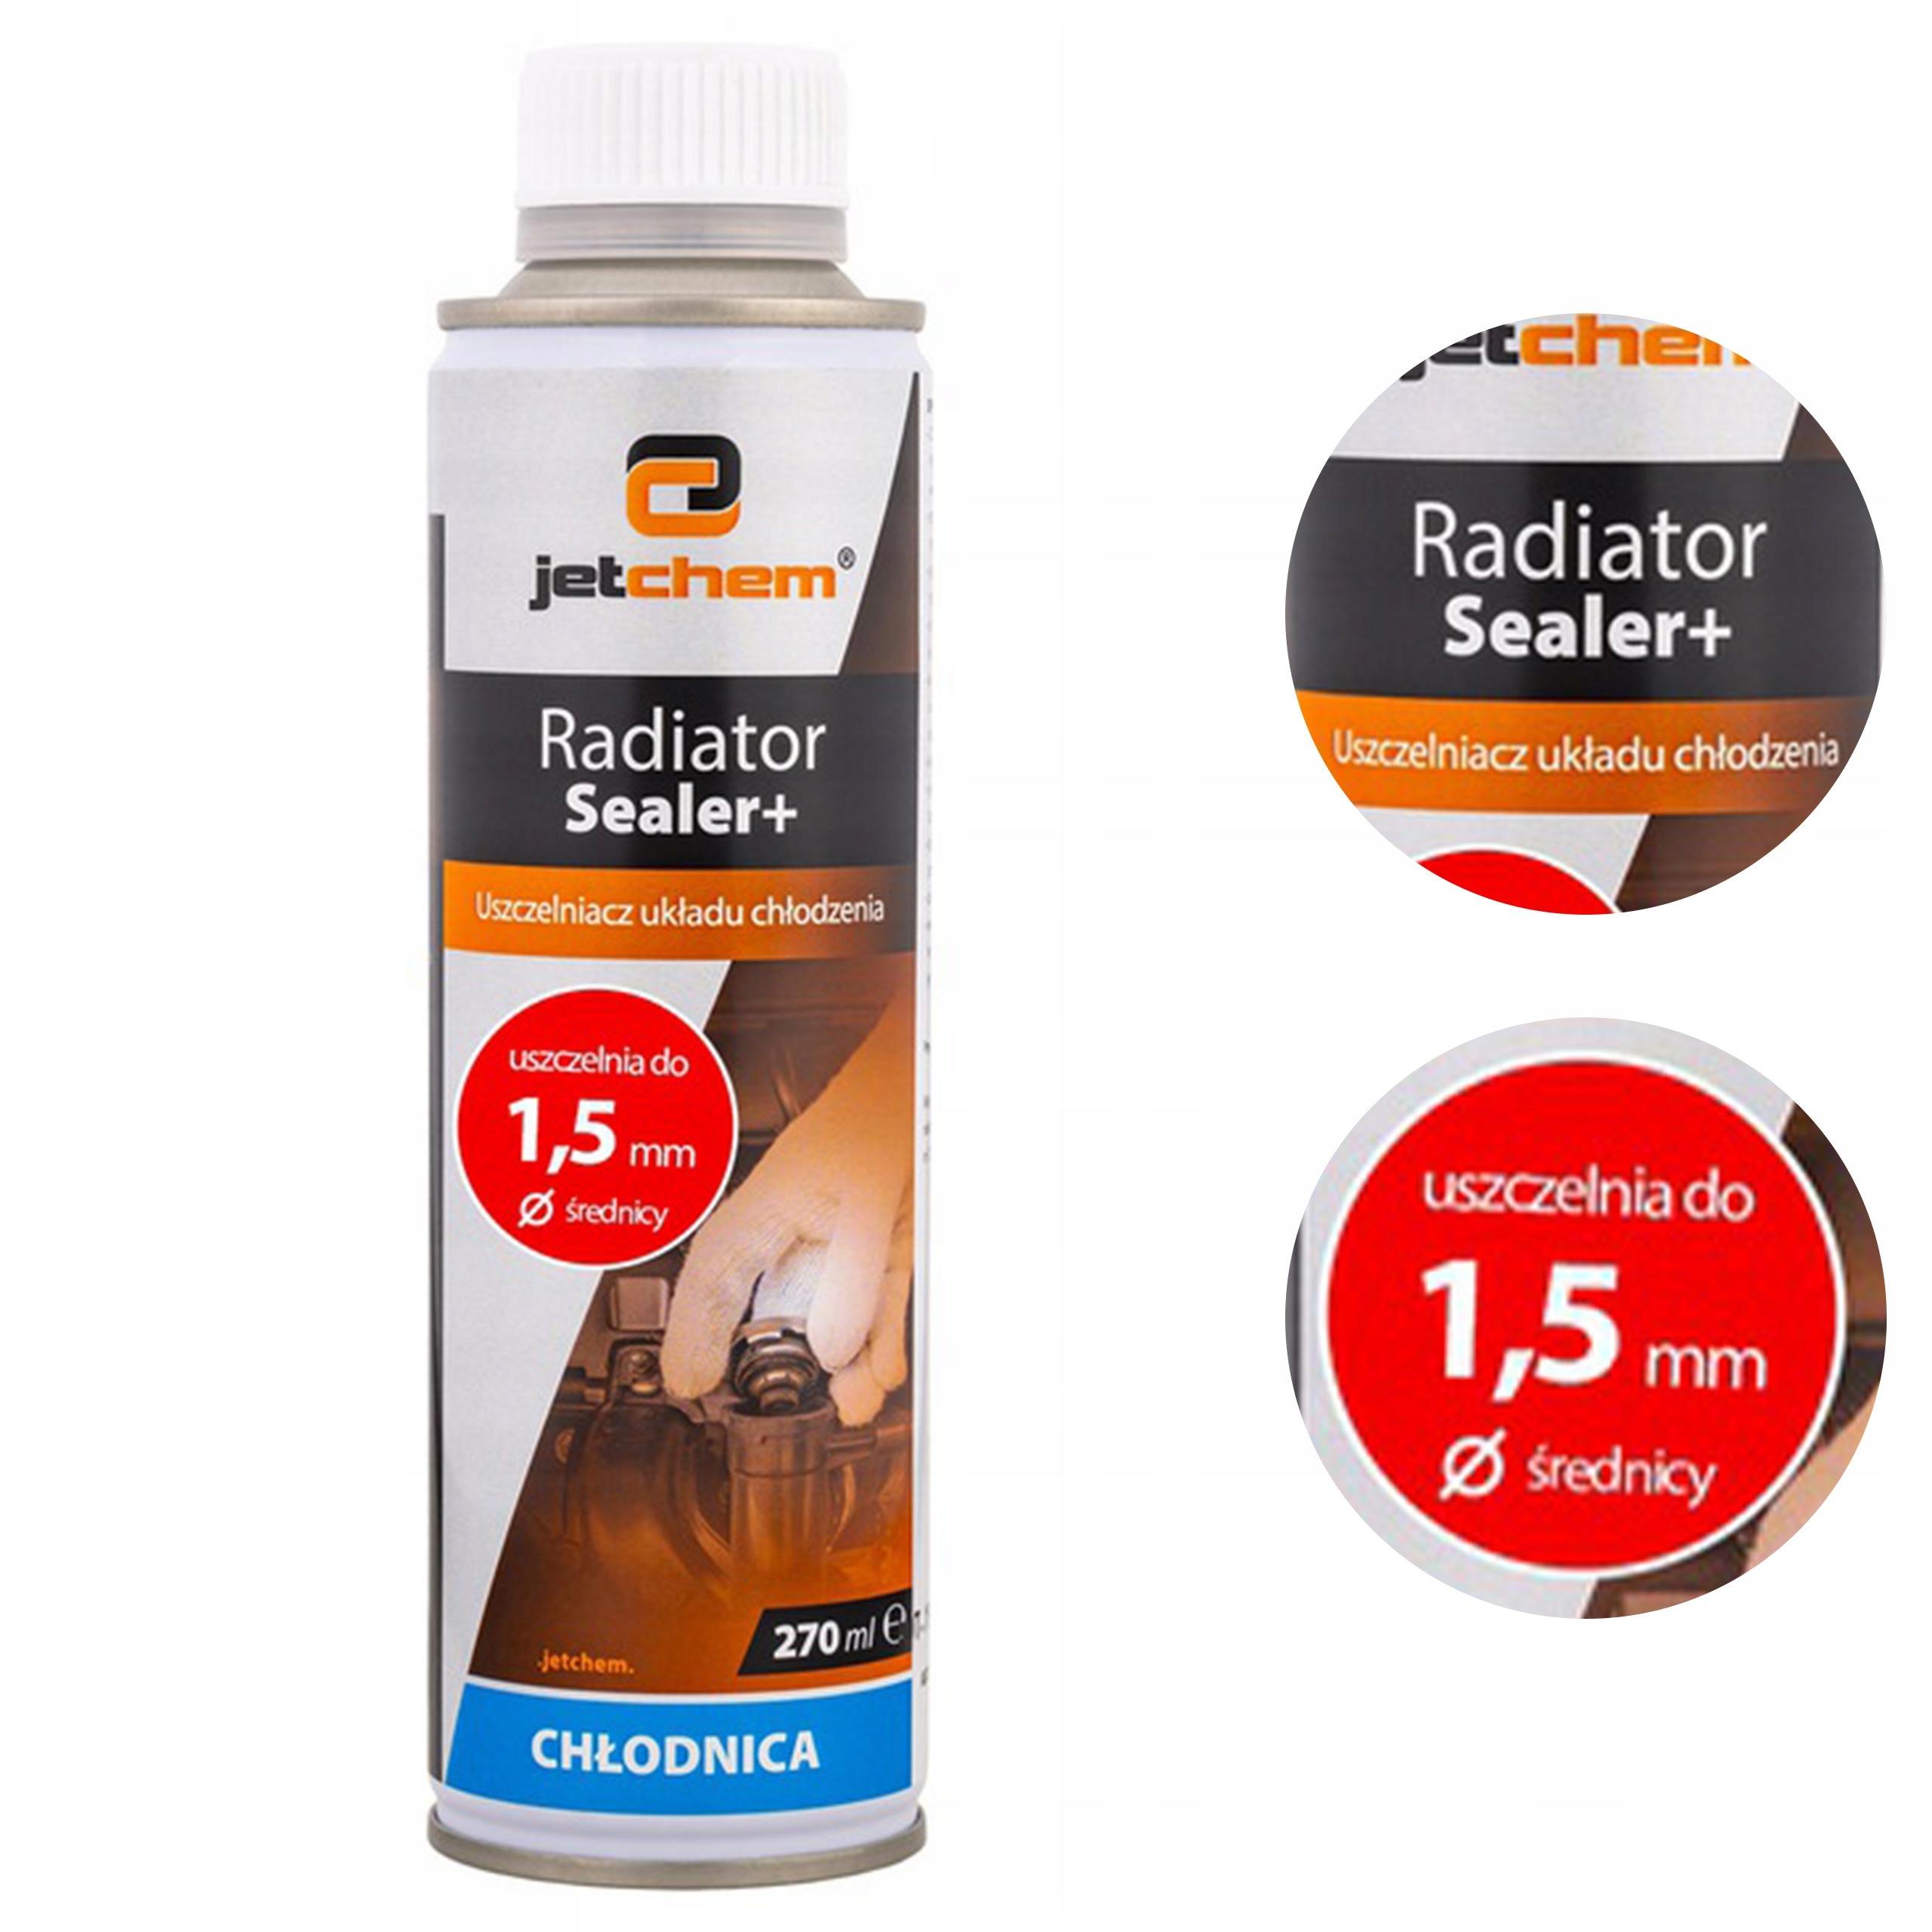 RADIATOR SEALER герметик для радиаторов DO 1.6 мм